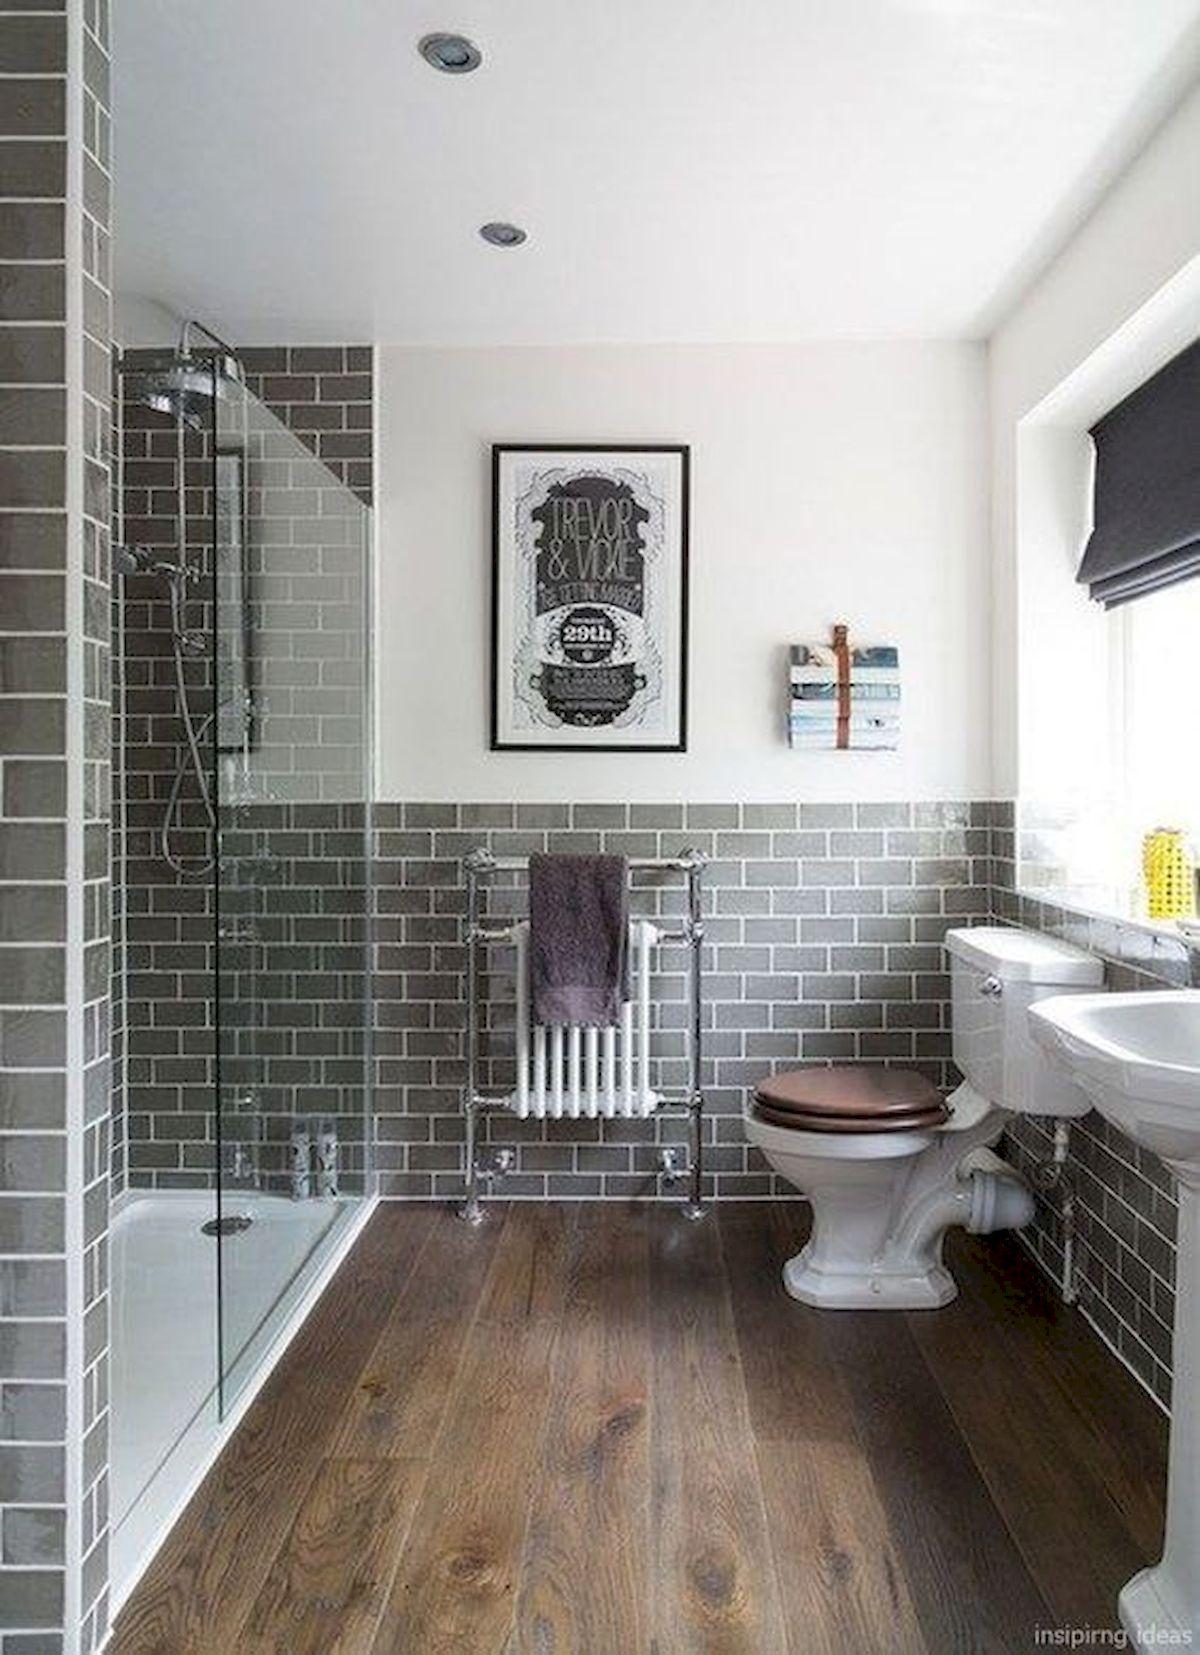 66 Cool Modern Farmhouse Bathroom Tile Ideas (48 ...